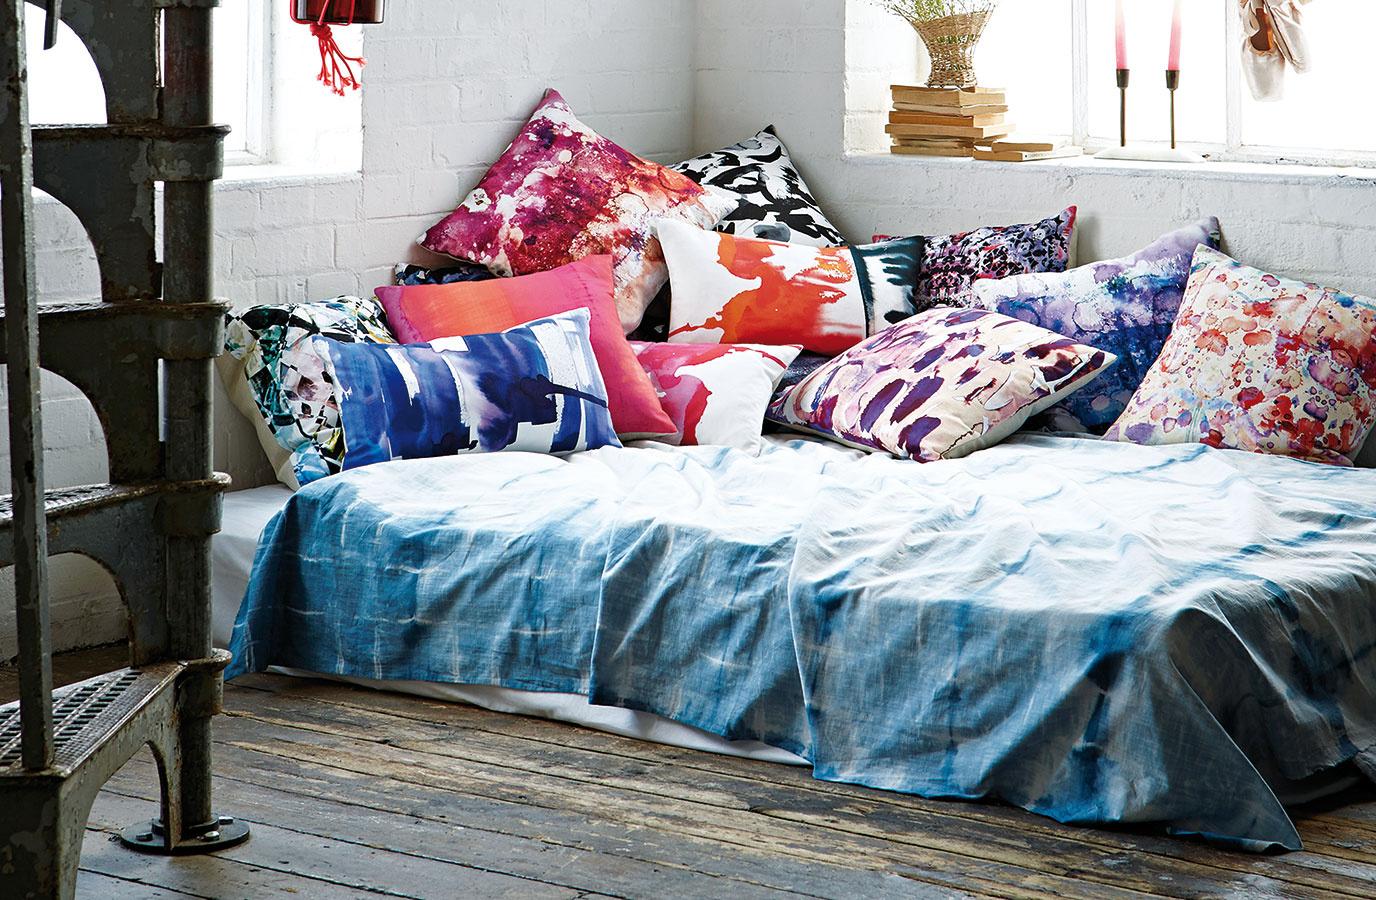 Spánok na akvareloch. Textilné doplnky (predovšetkým vankúše) od dizajnérky Amy Sia inšpirované lupeňmi kvetov, pôsobia zasnene aumelecky. Sú skvelou voľbou ako ozdoba modernej koženej sedačky.